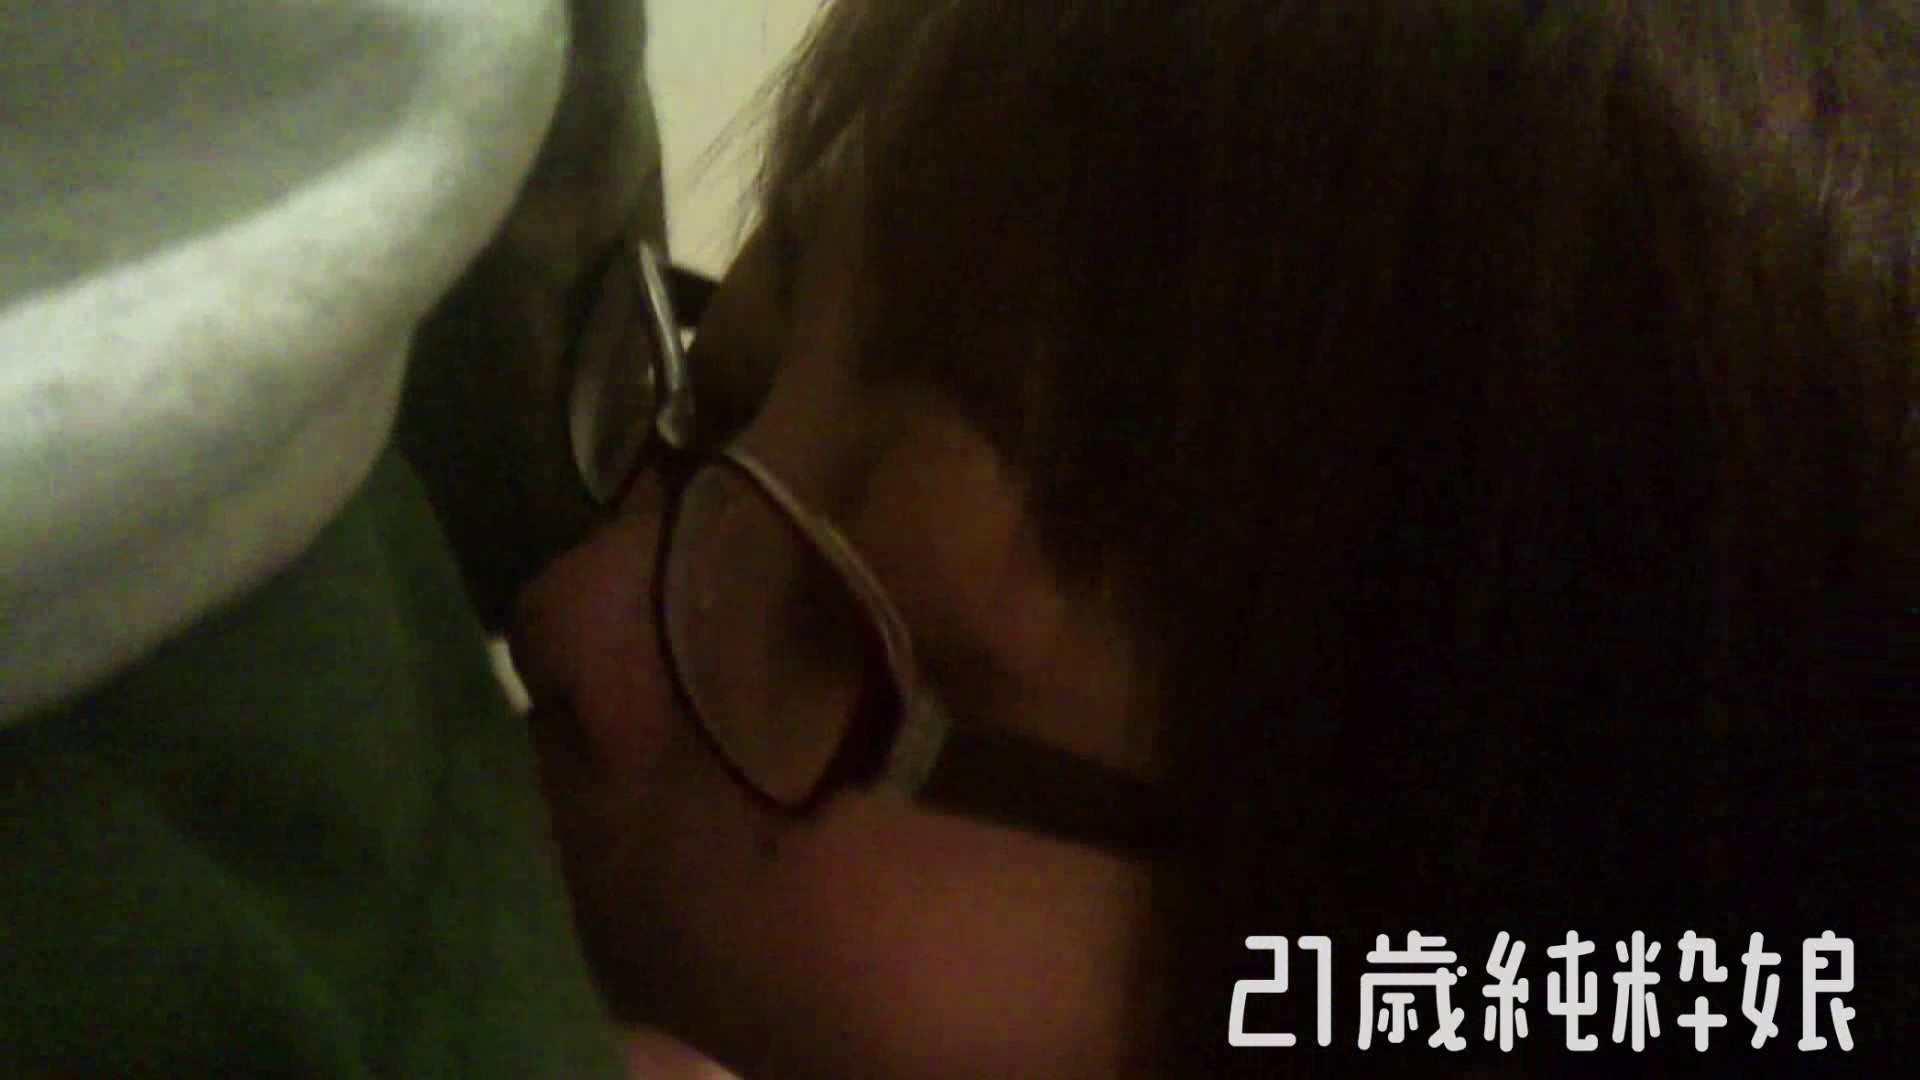 Gカップ21歳純粋嬢第2弾Vol.5 一般投稿  77pic 36